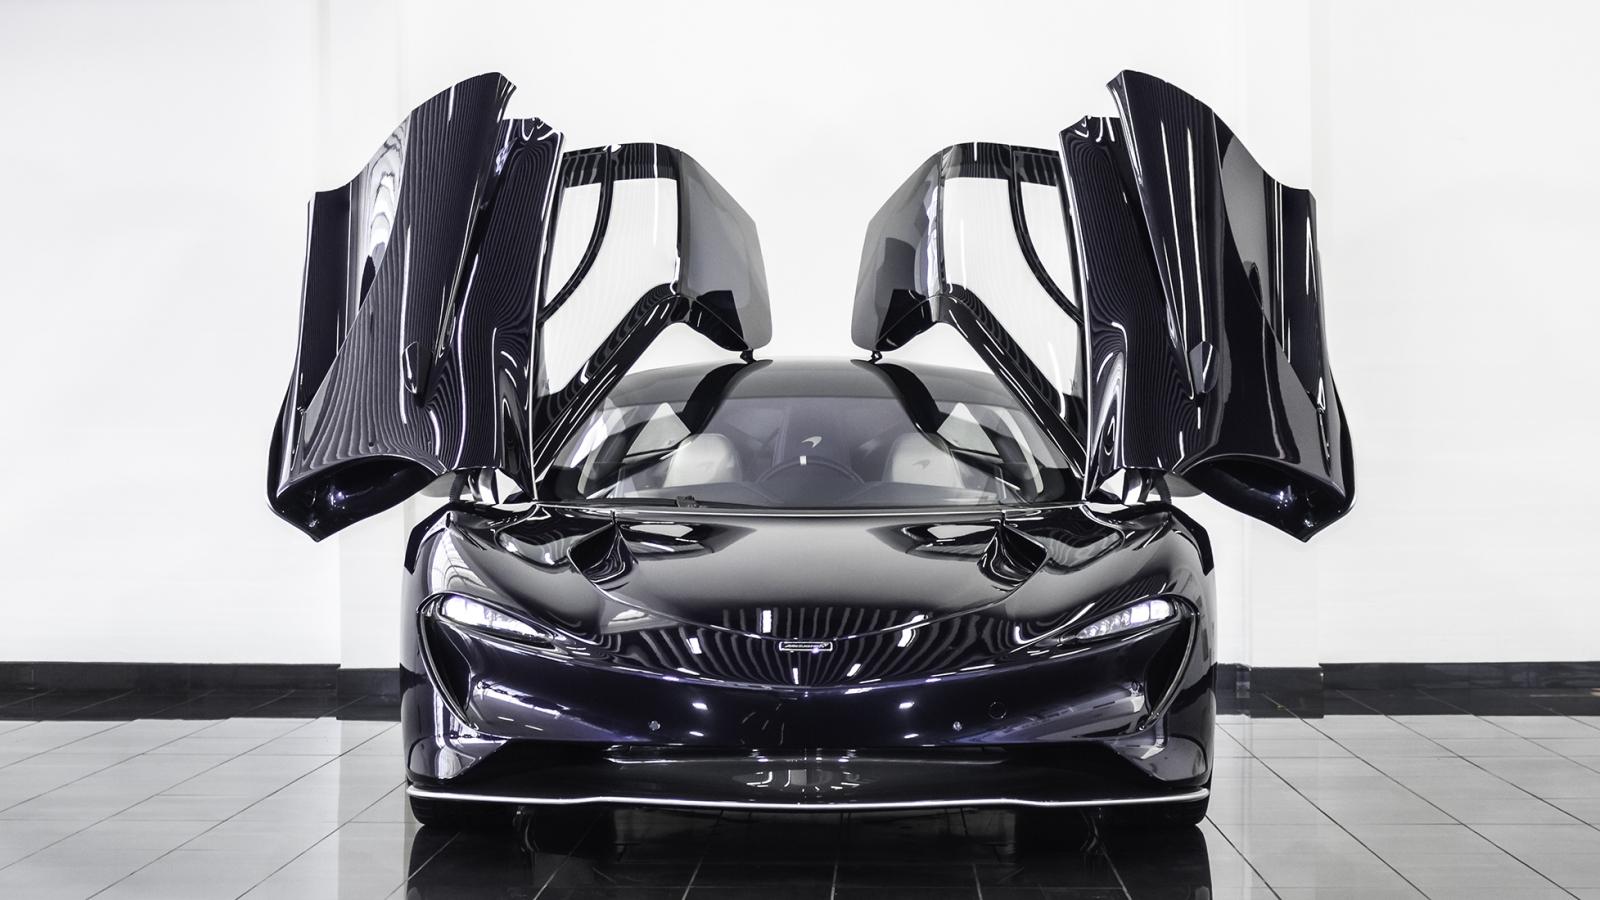 Siêu xe McLaren Speedtail mới đi 1km được rao bán gần 3,5 triệu USD